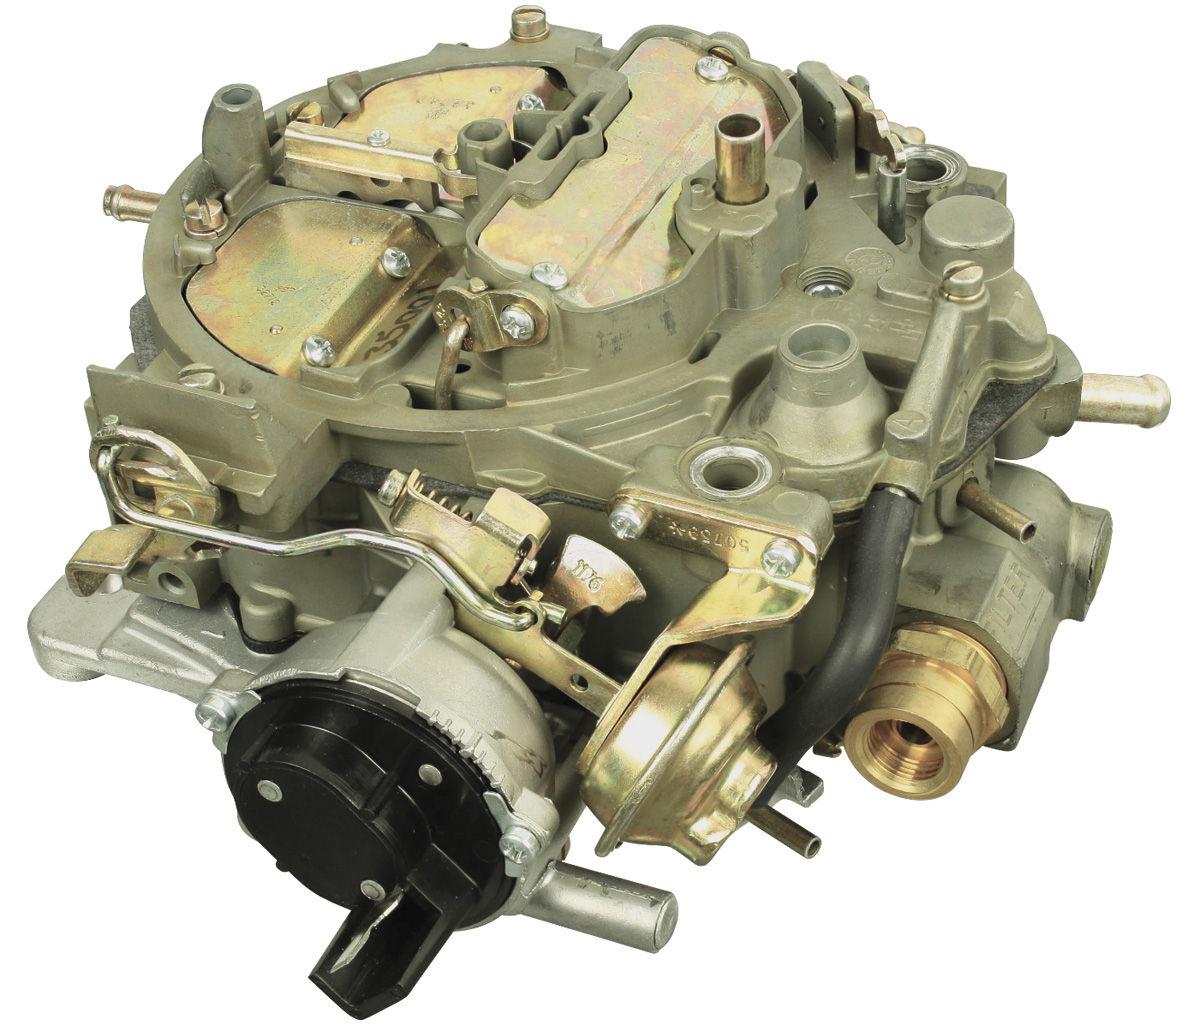 Rochester Quadrajet Carburetor Diagram Http Wwwgmcmotorhomecom